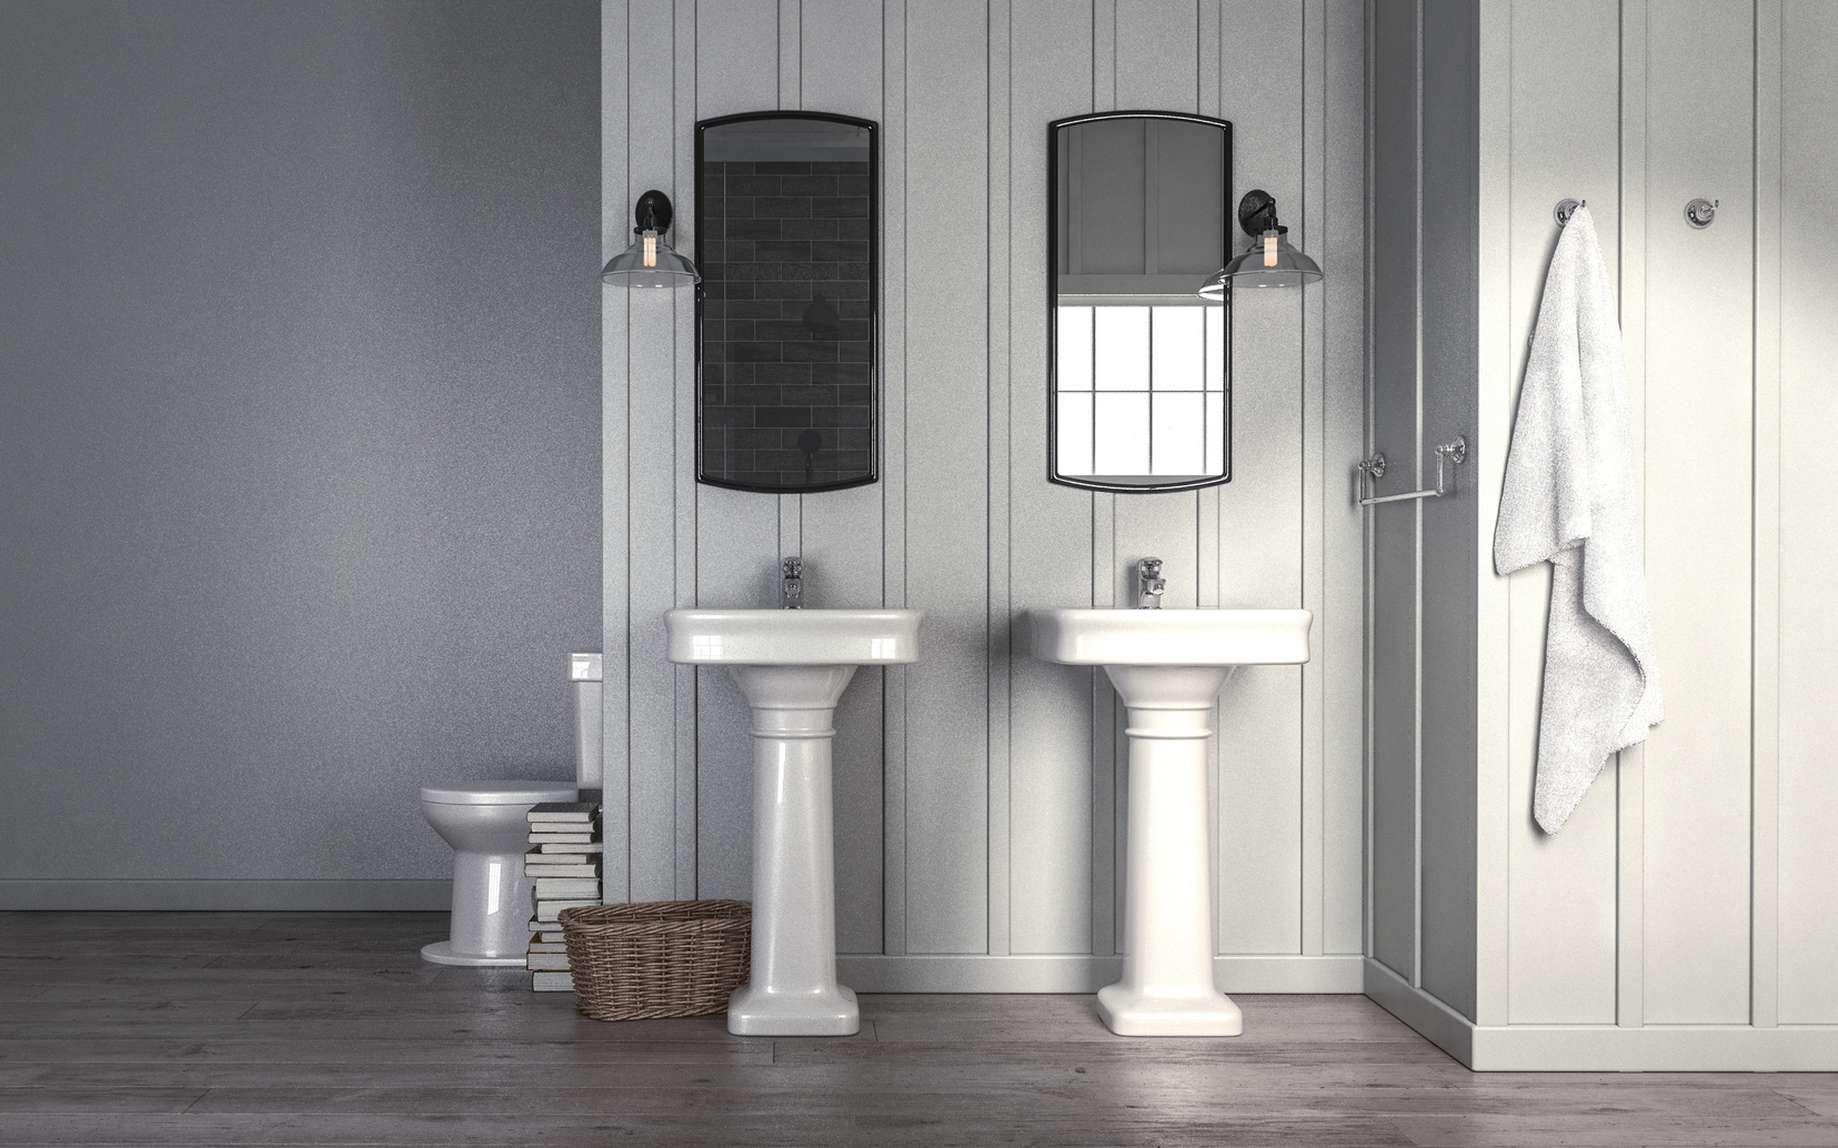 Lavabos en porcelaine sur leur colonne pour une salle de bains au look très vintage. © XtravaganT, Fotolia